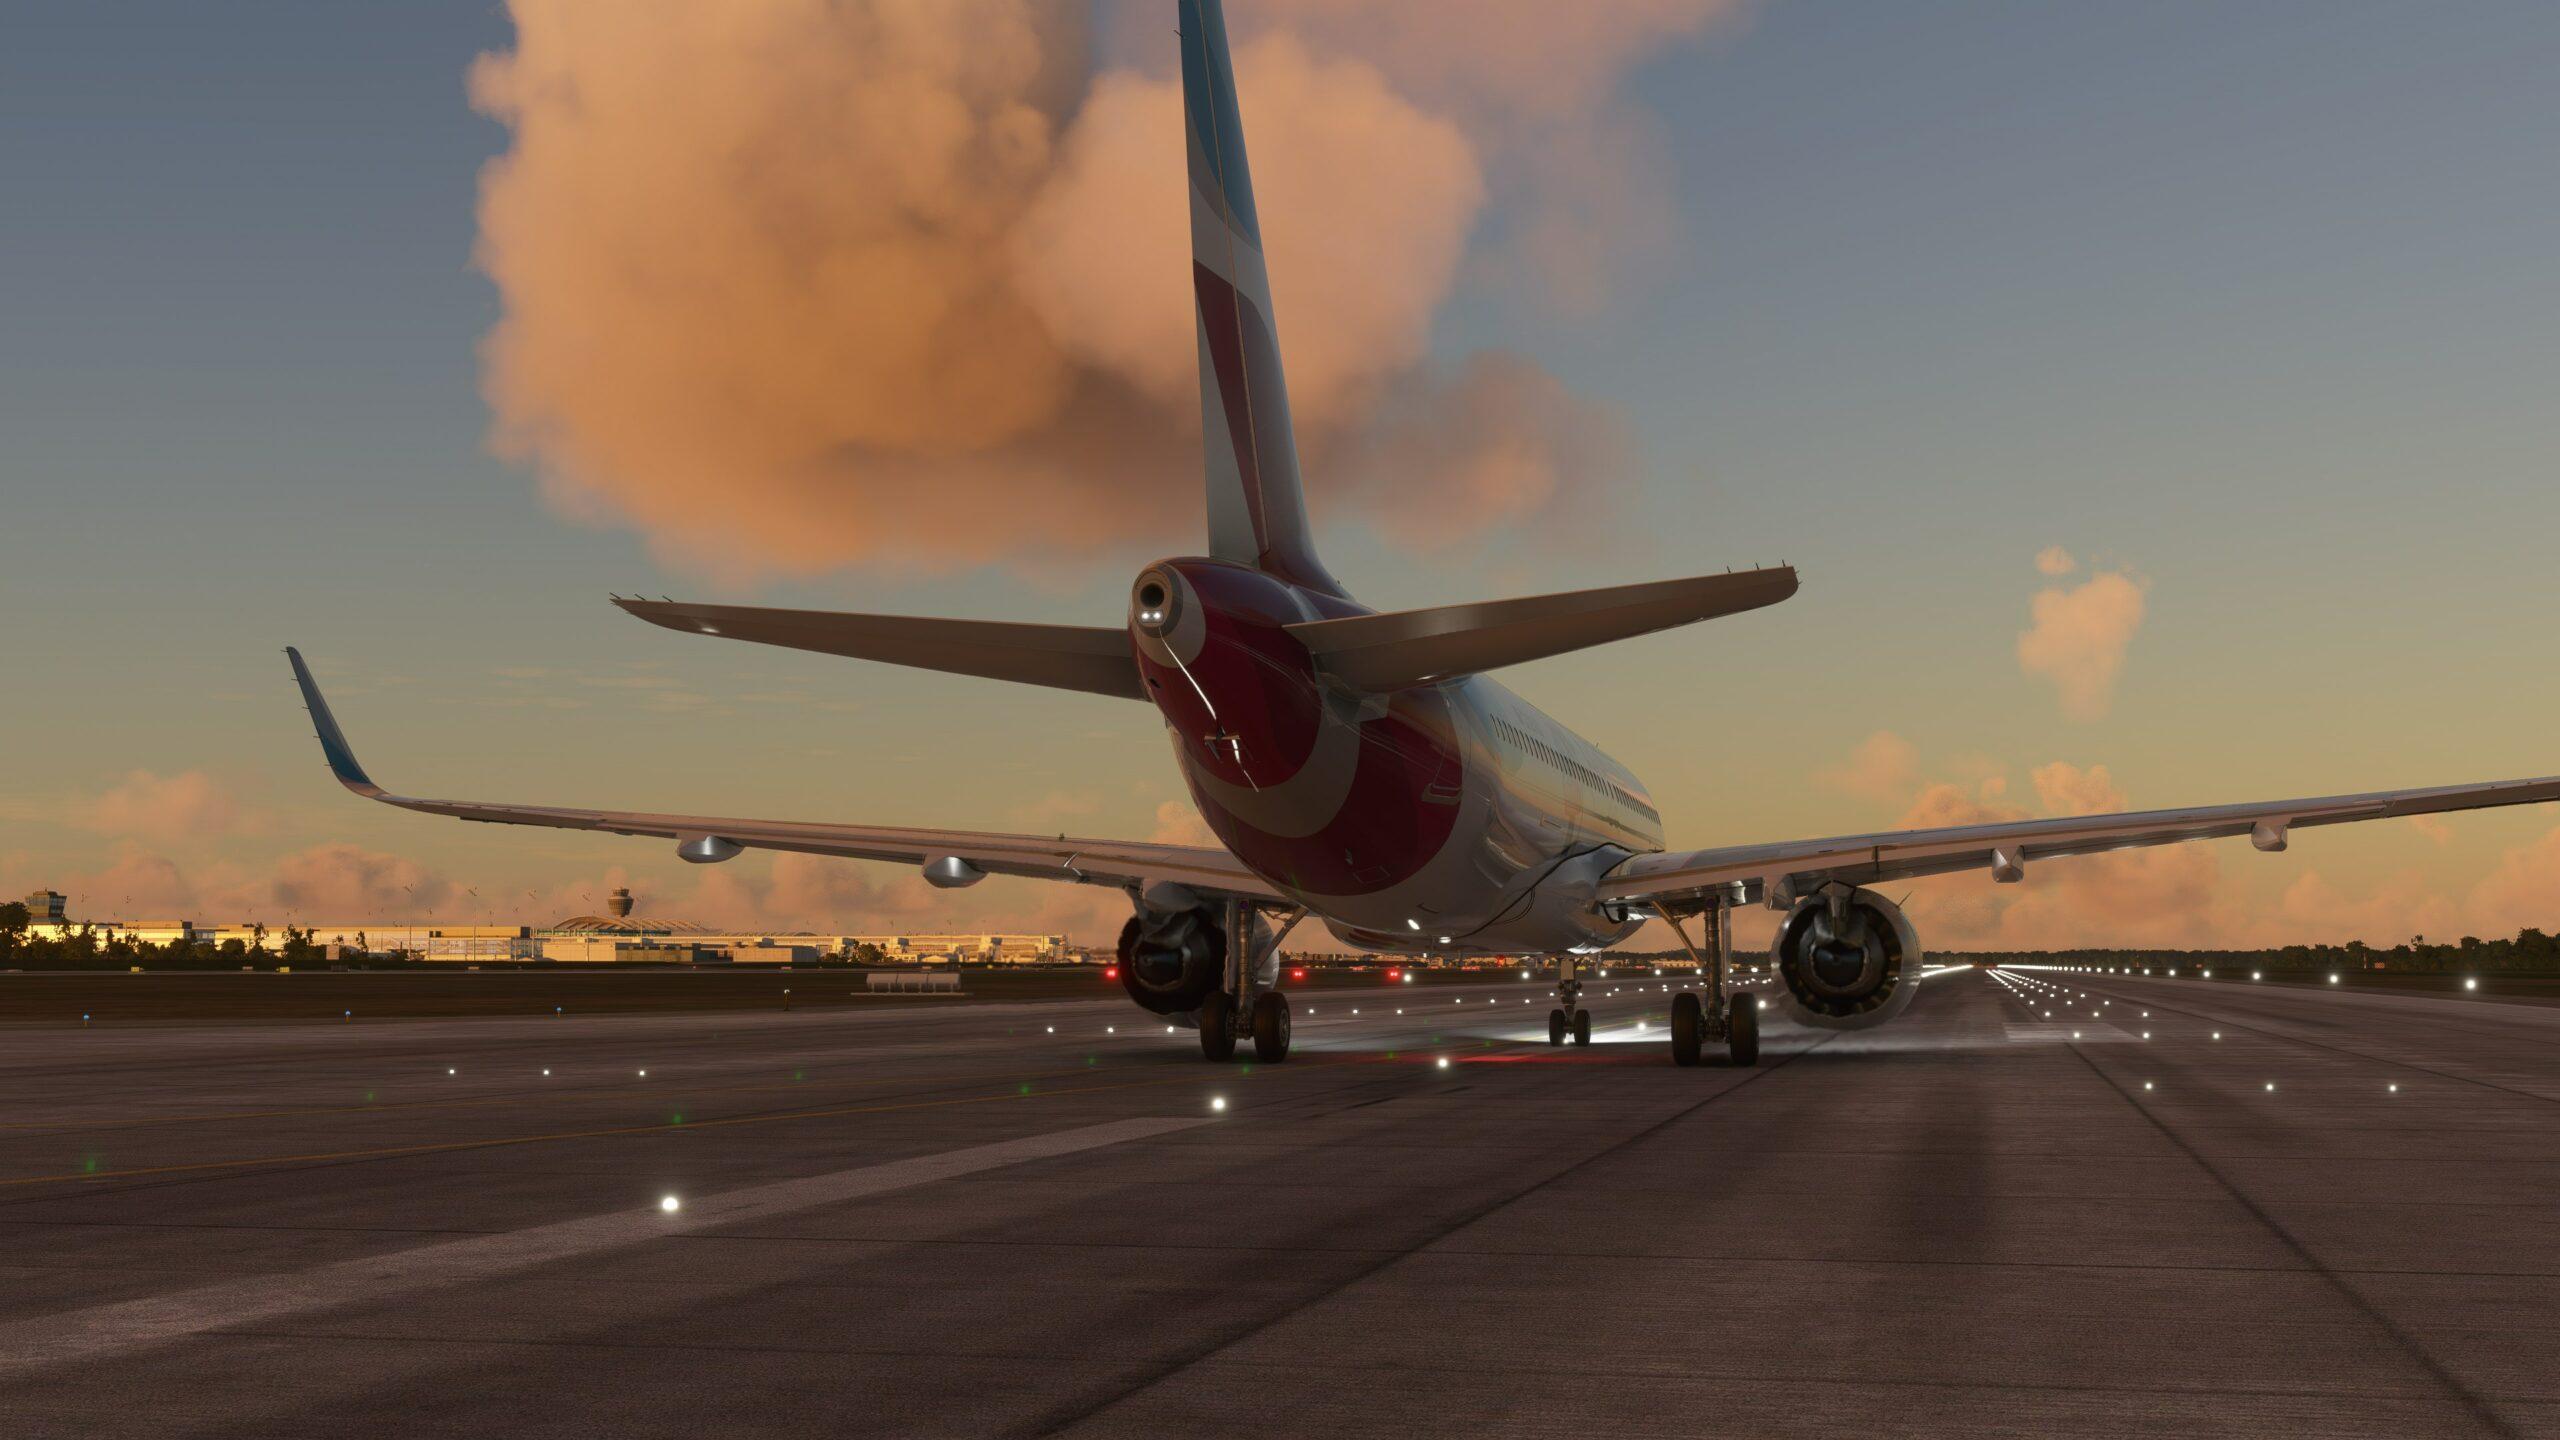 FlightSimulator_Apilm4ogS5